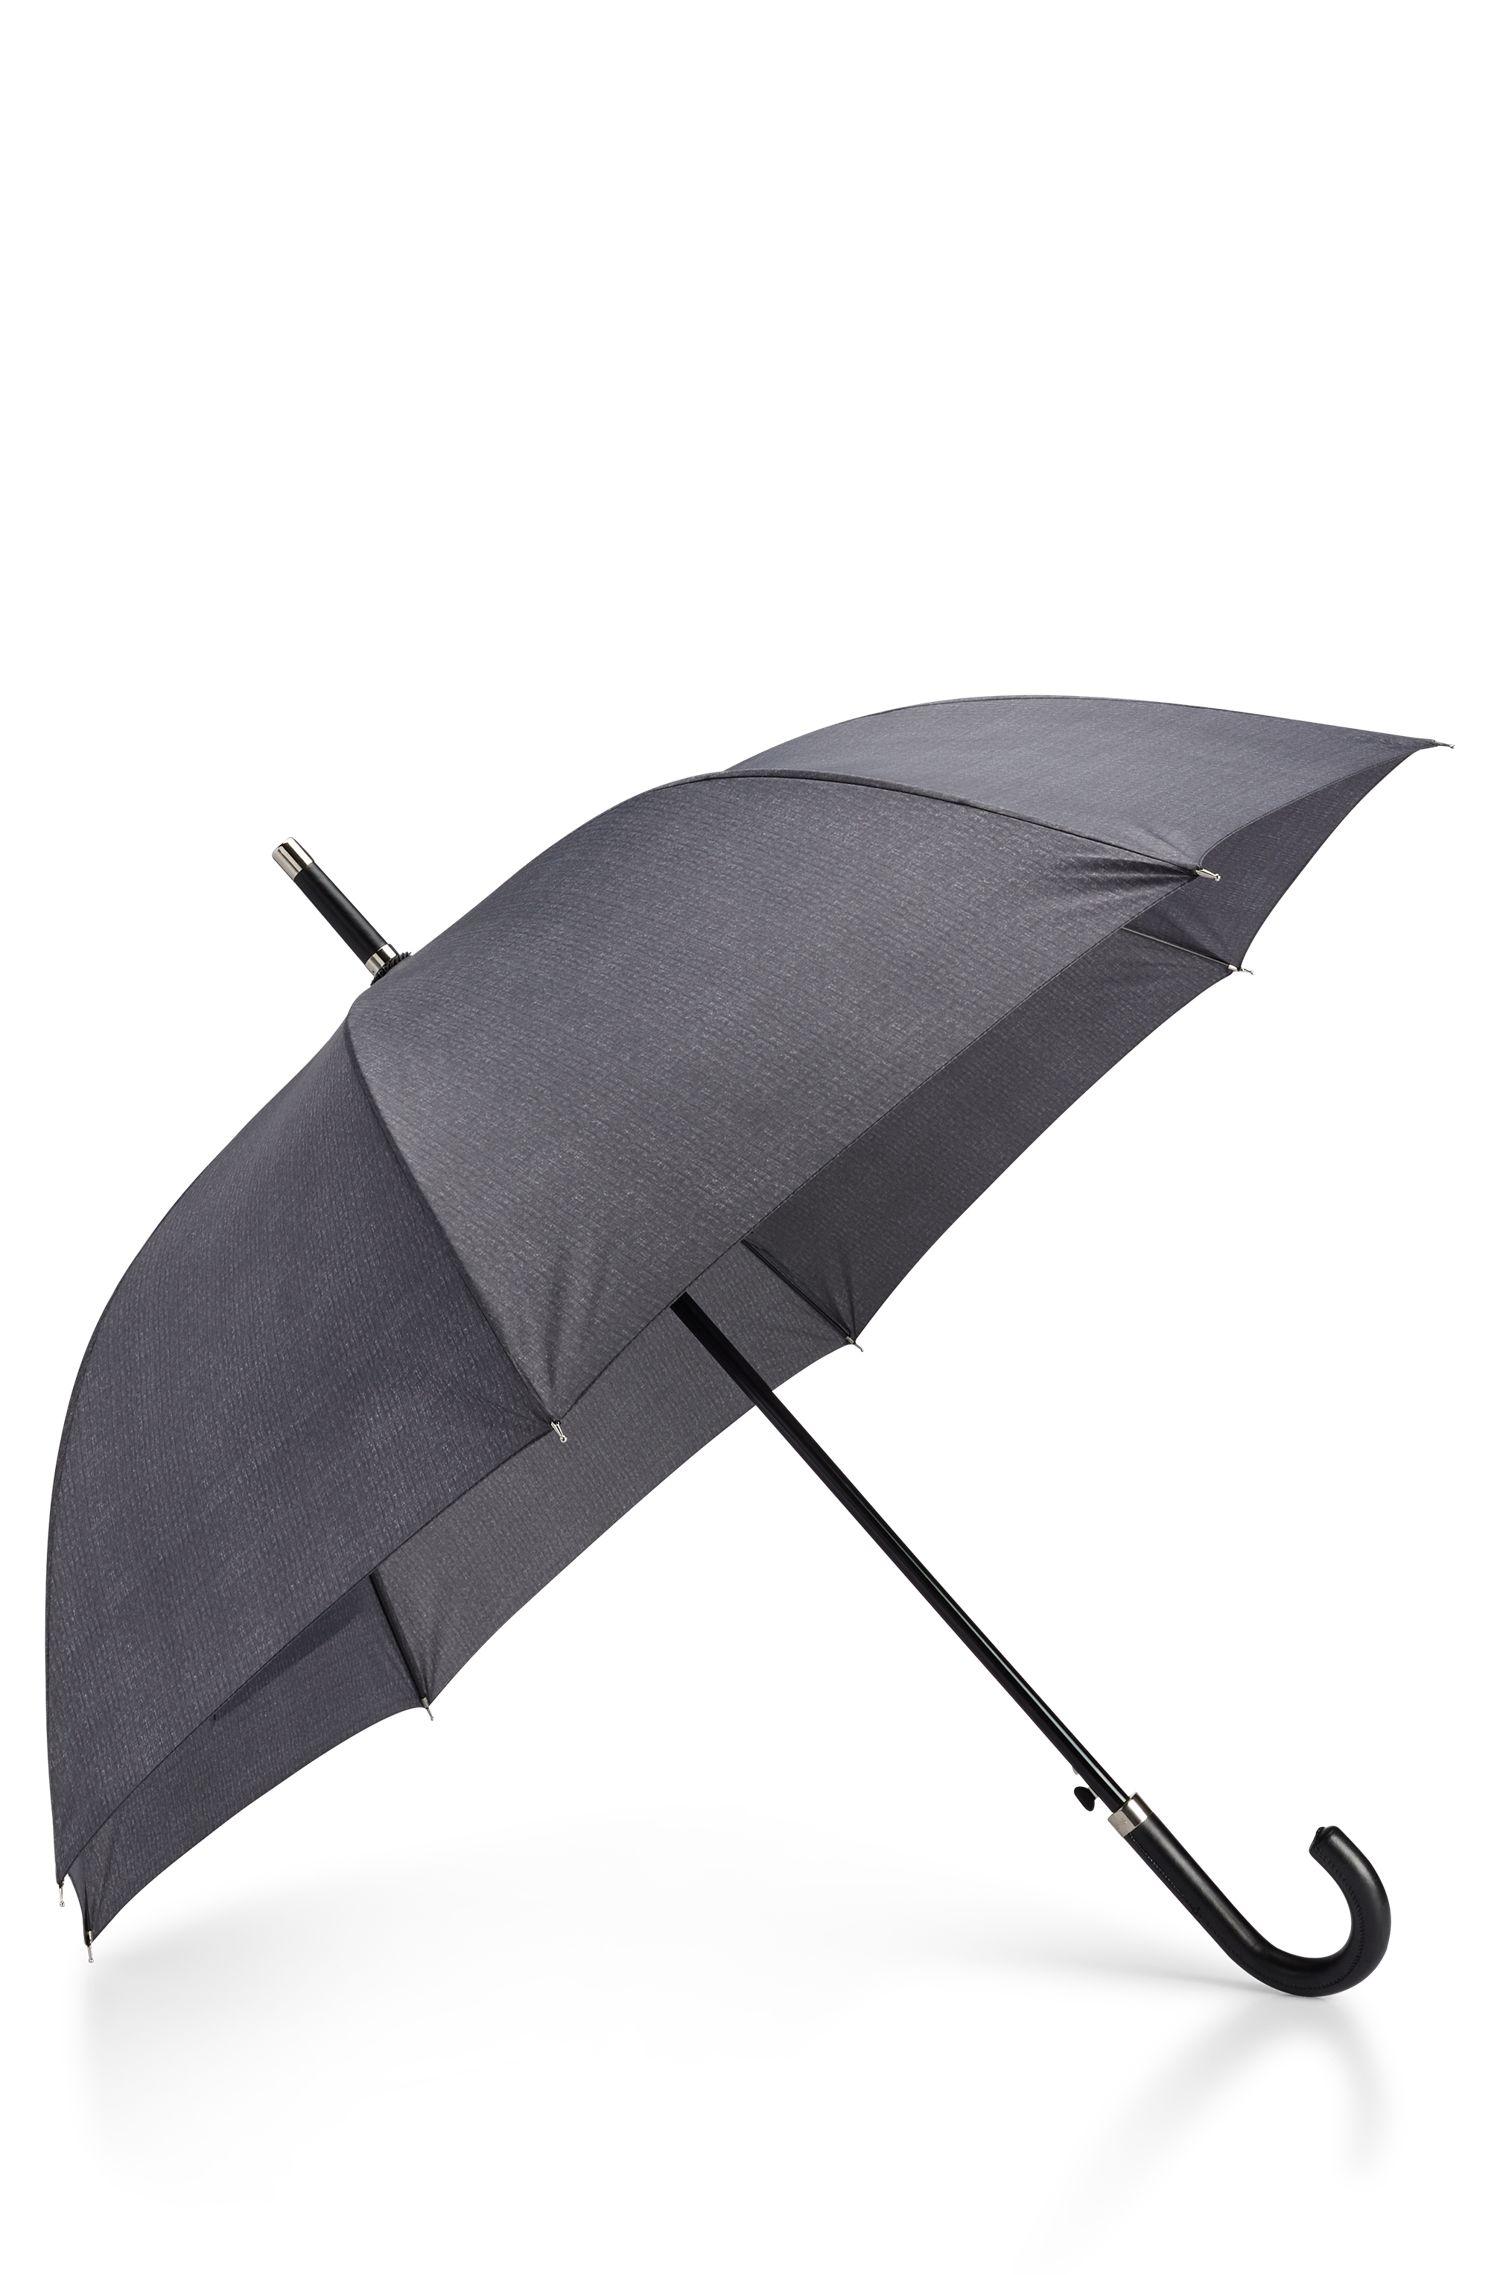 Grau gemusterter Schirm mit Griff aus Kunstleder, Dunkelgrau